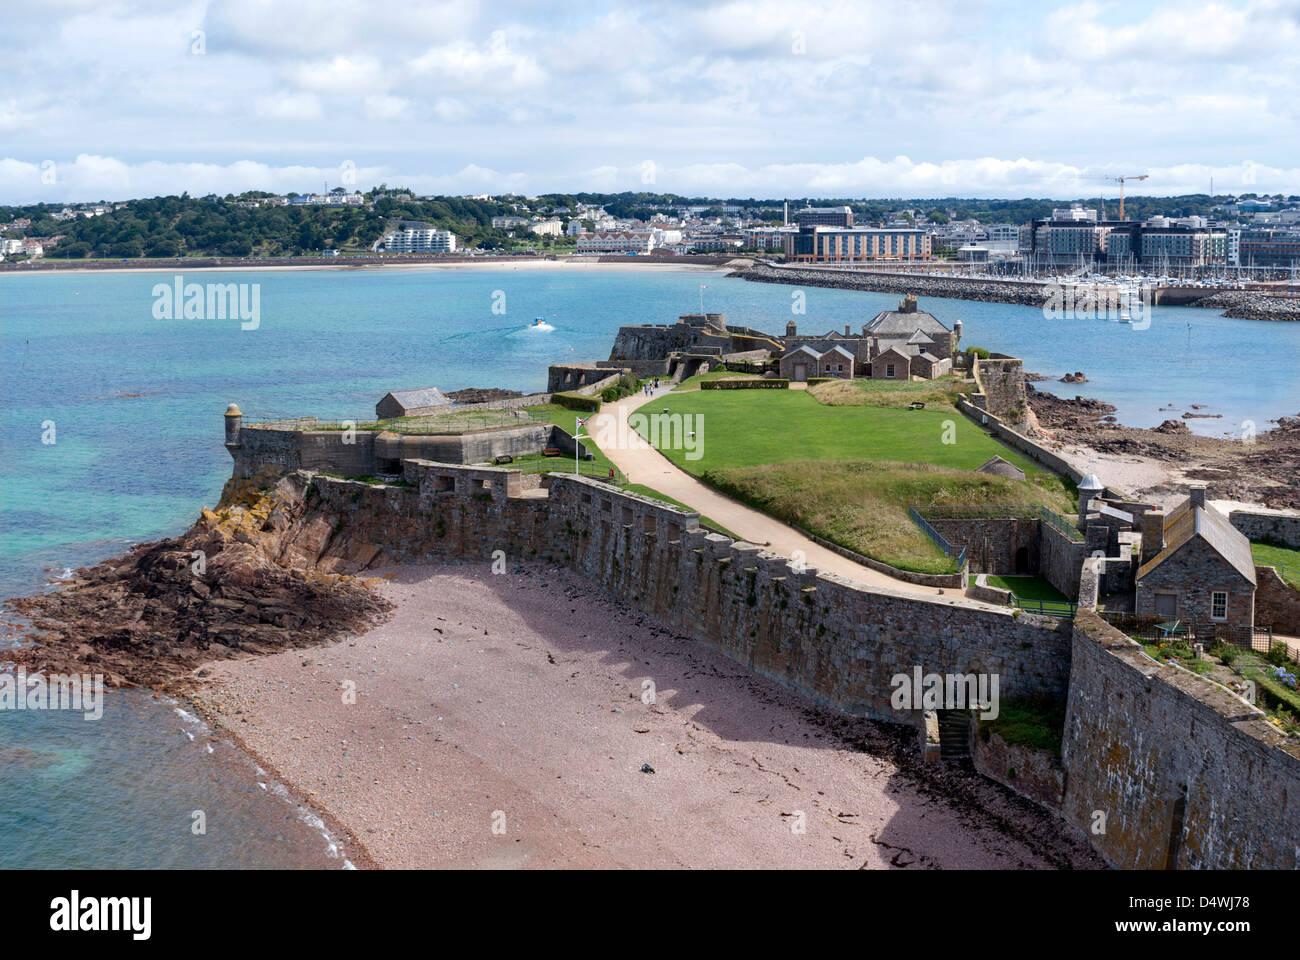 Elizabeth Castle, St Helier, Jersey, Channel Islands - Stock Image